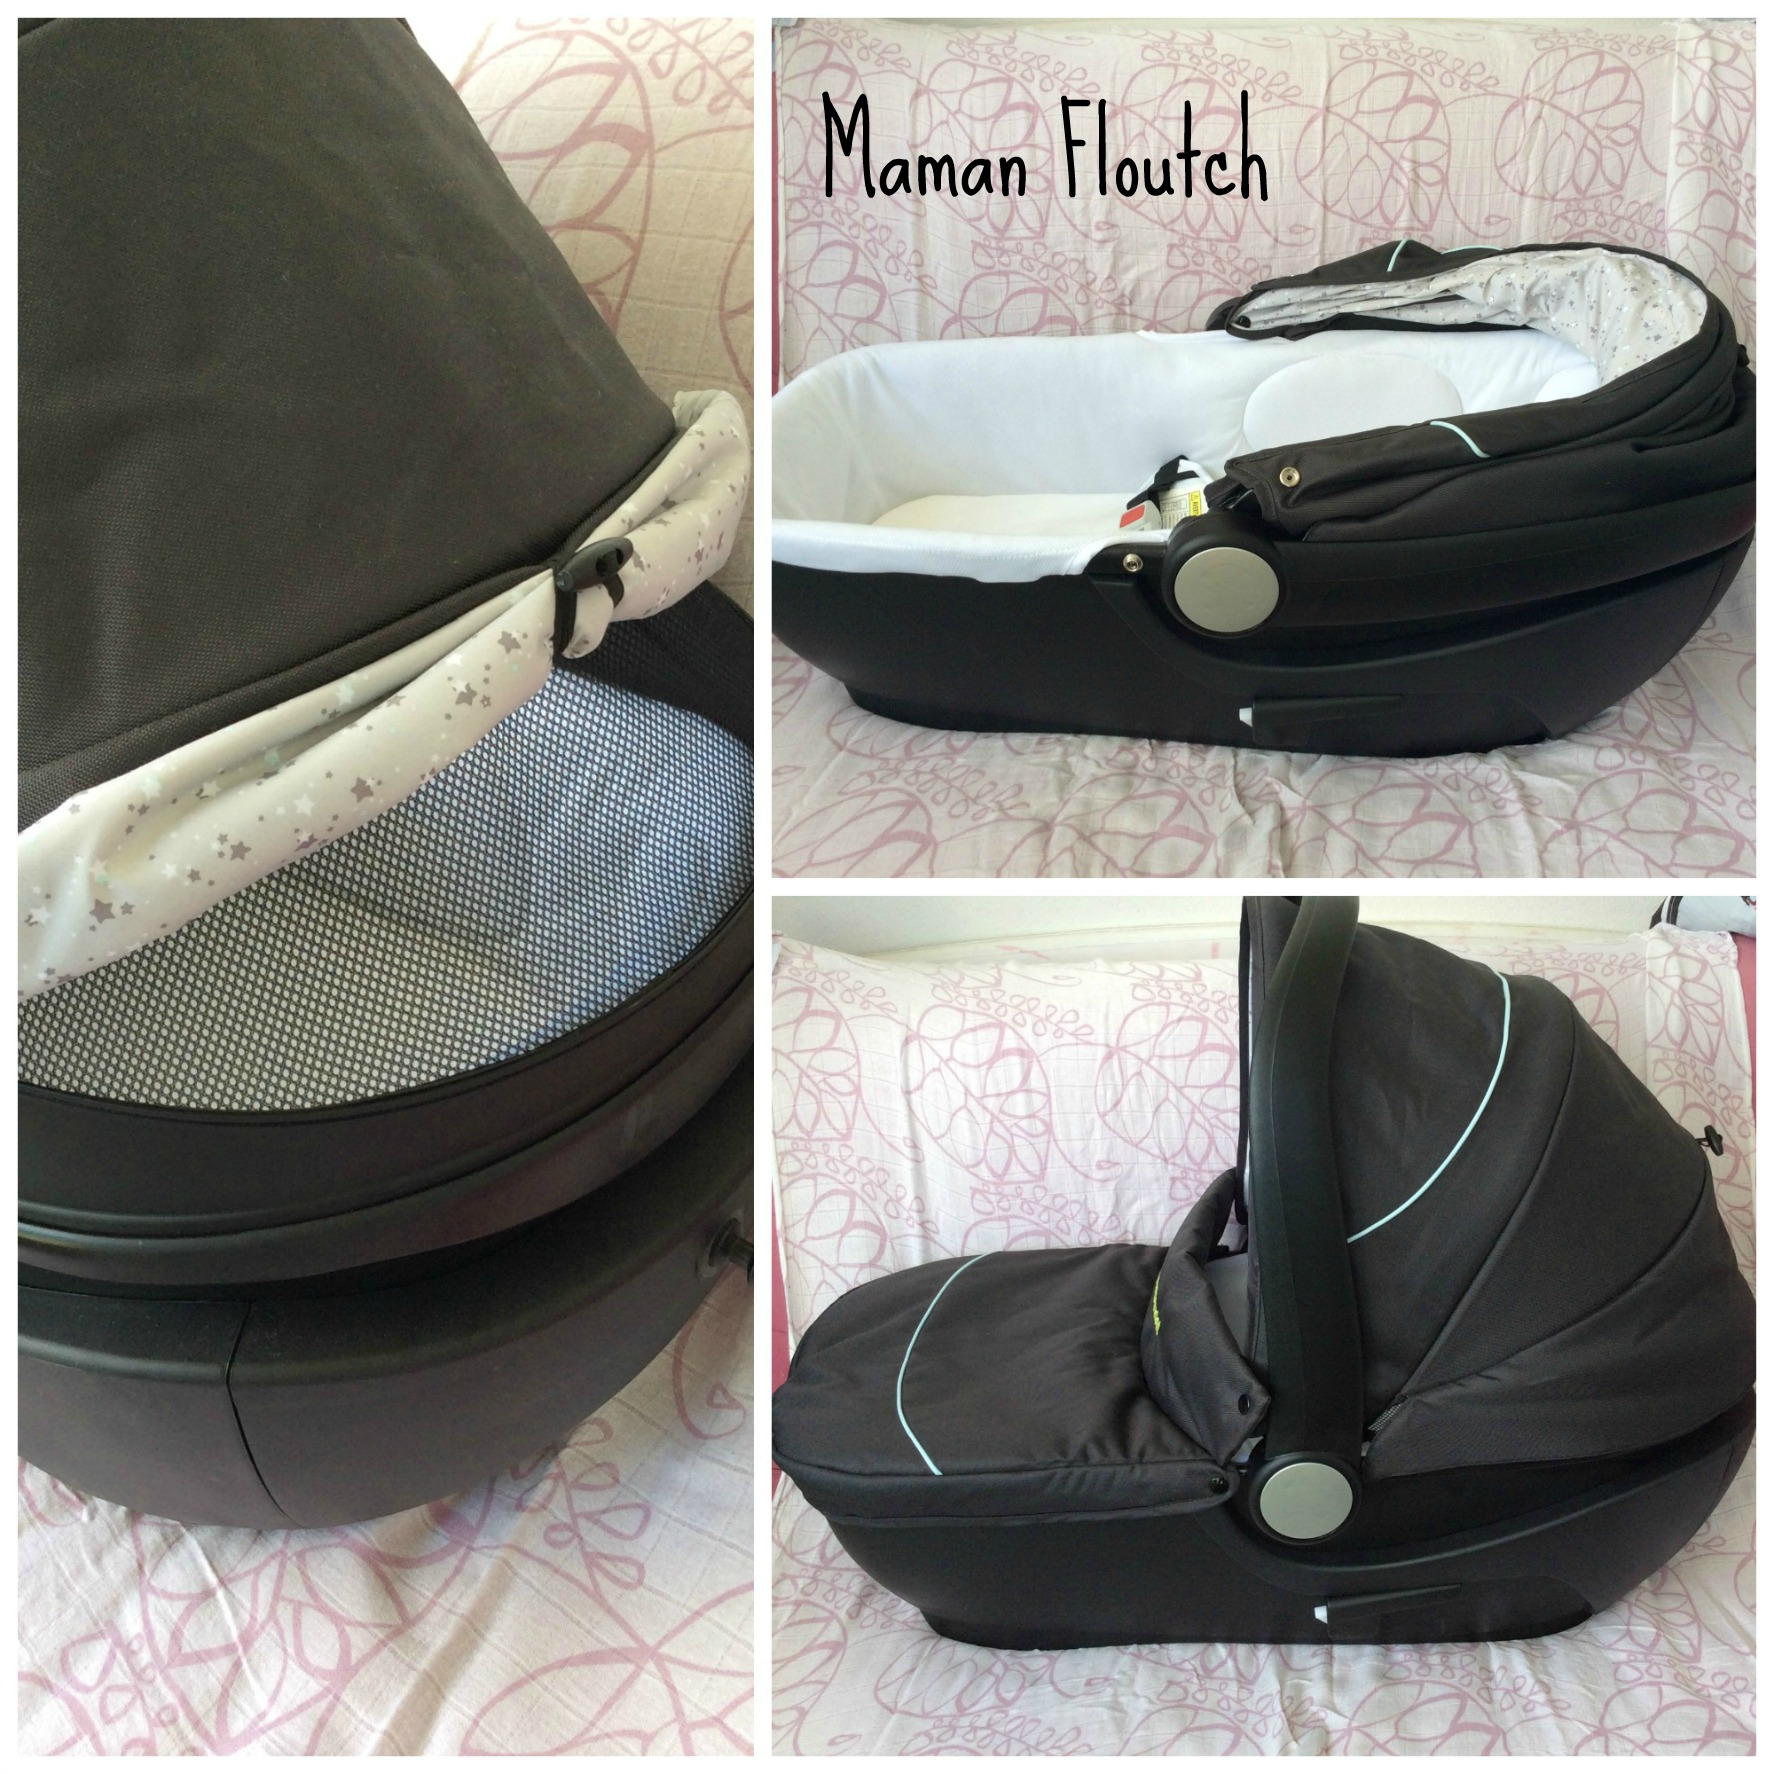 l 39 ensemble triocity de vertbaudet chez les floutch maman floutch blog pour mamans parents. Black Bedroom Furniture Sets. Home Design Ideas